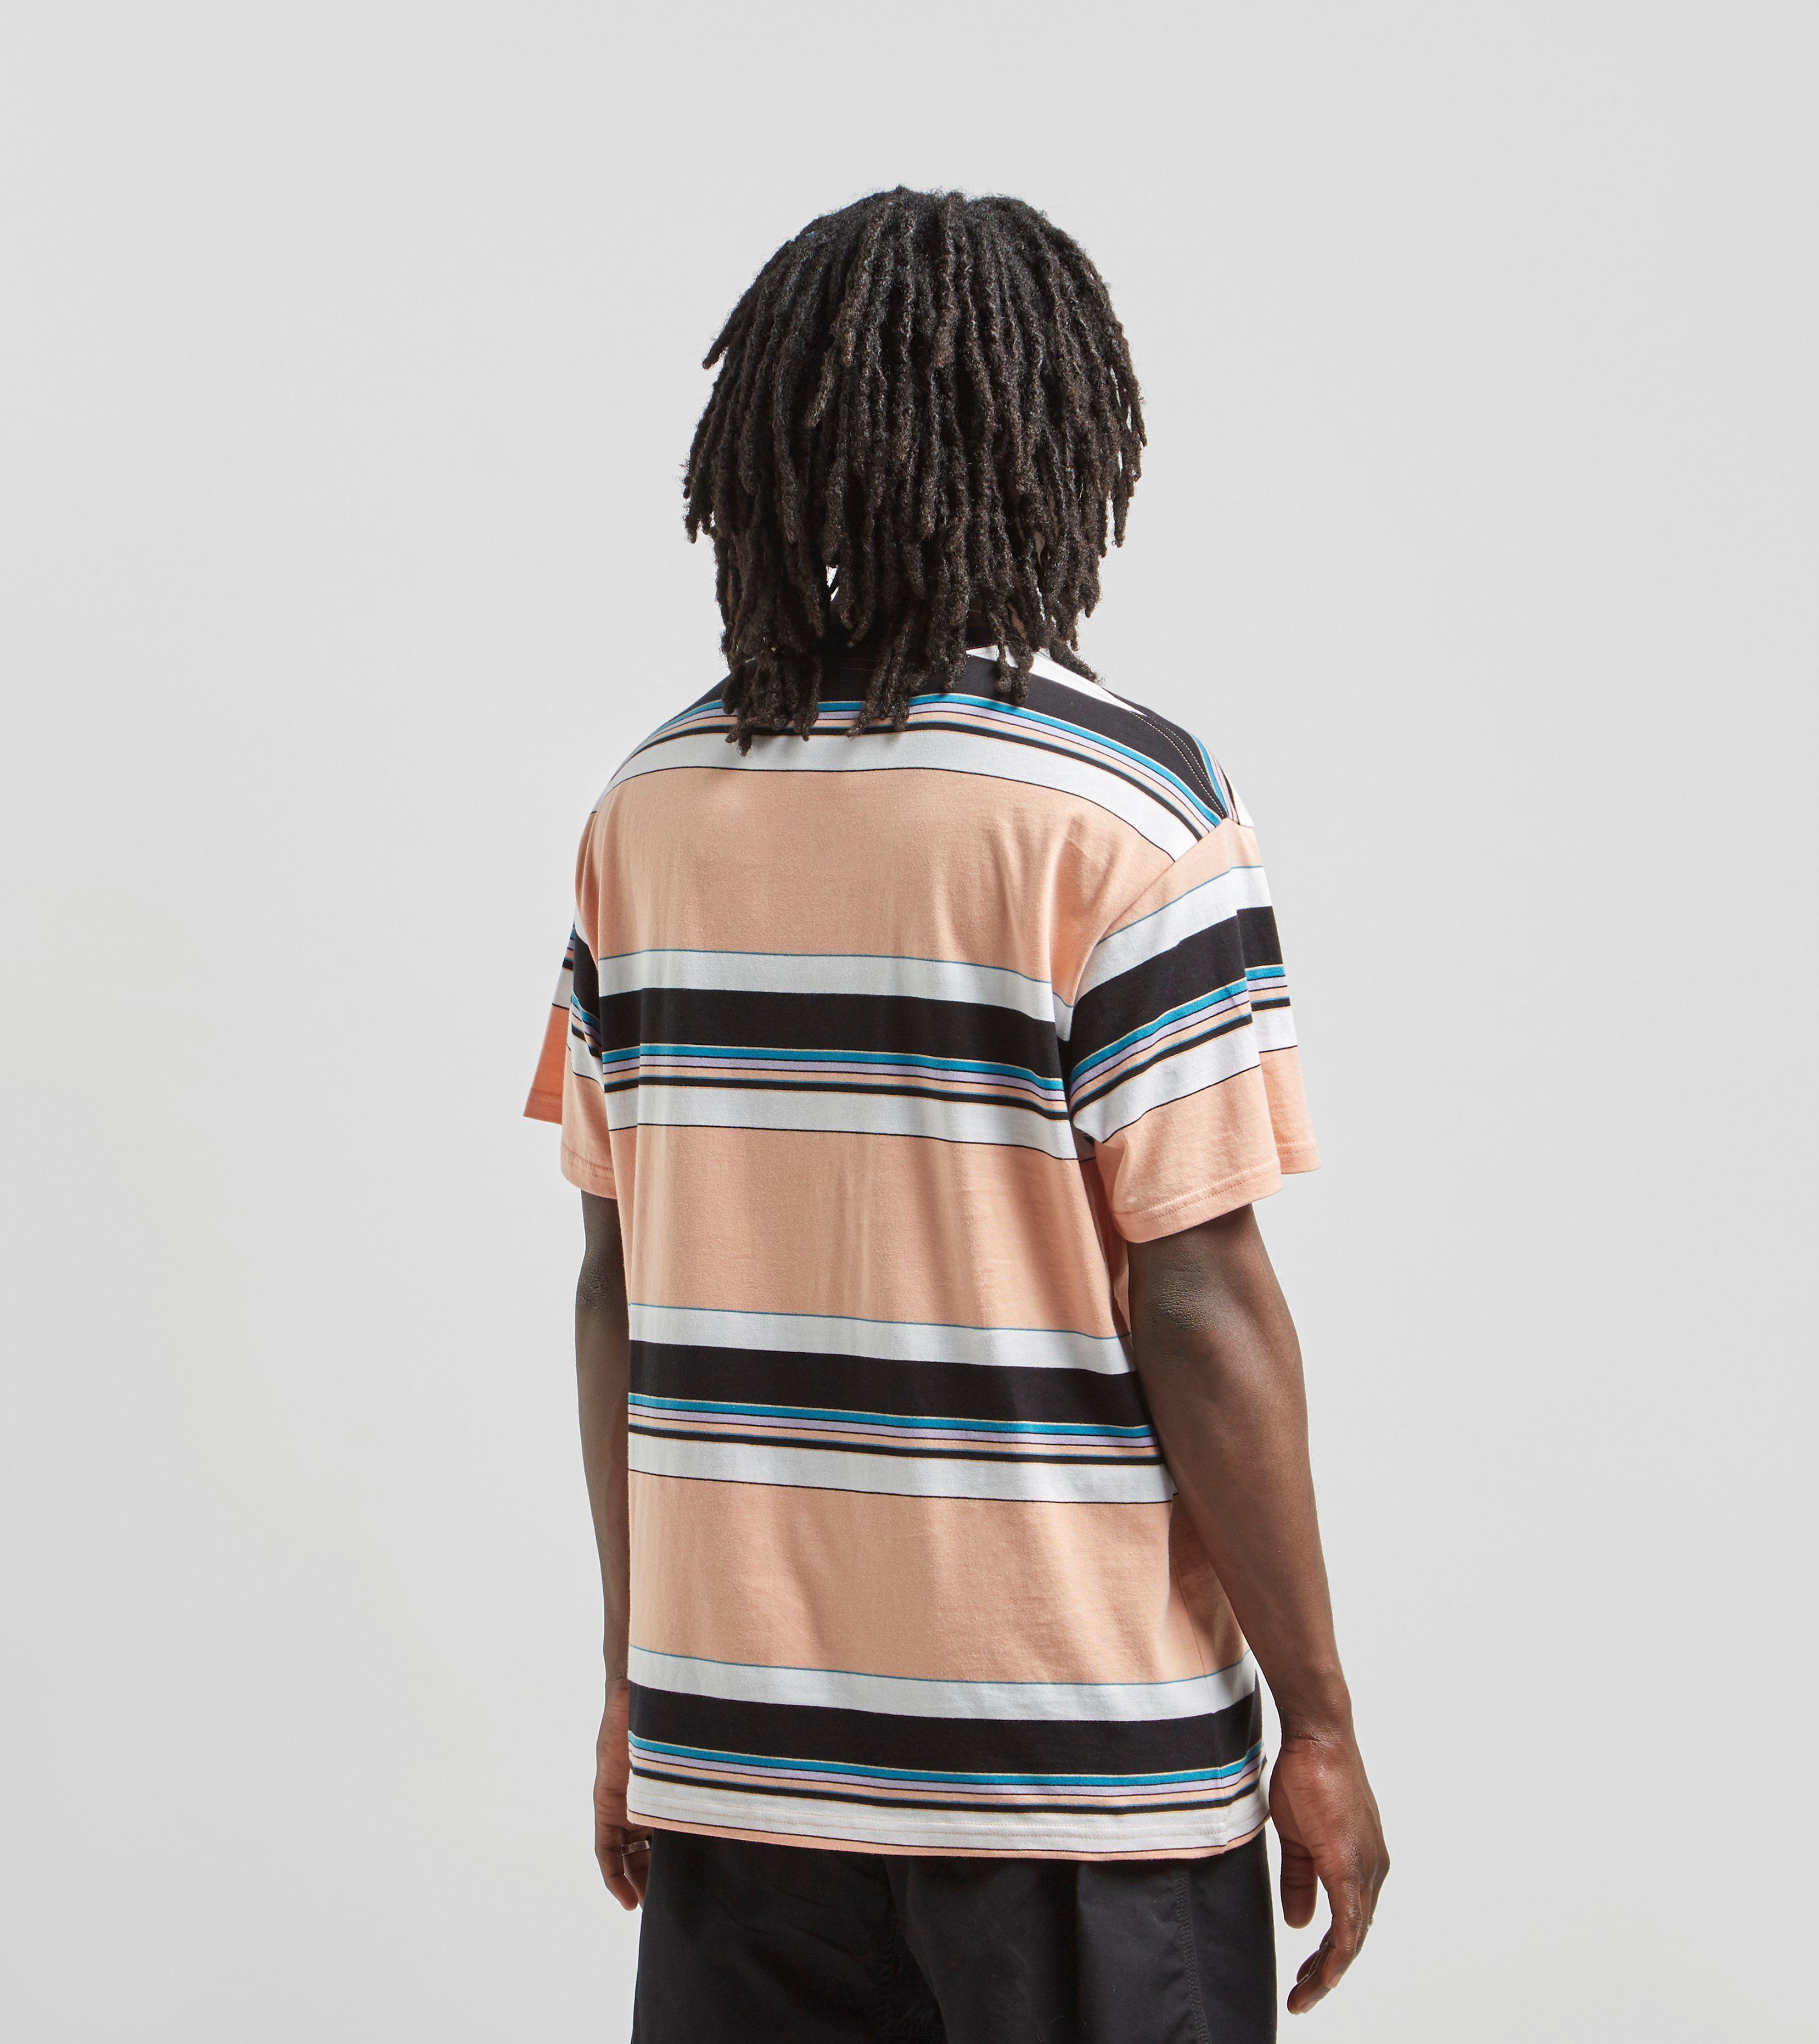 Carhartt WIP Ozark Striped T-Shirt